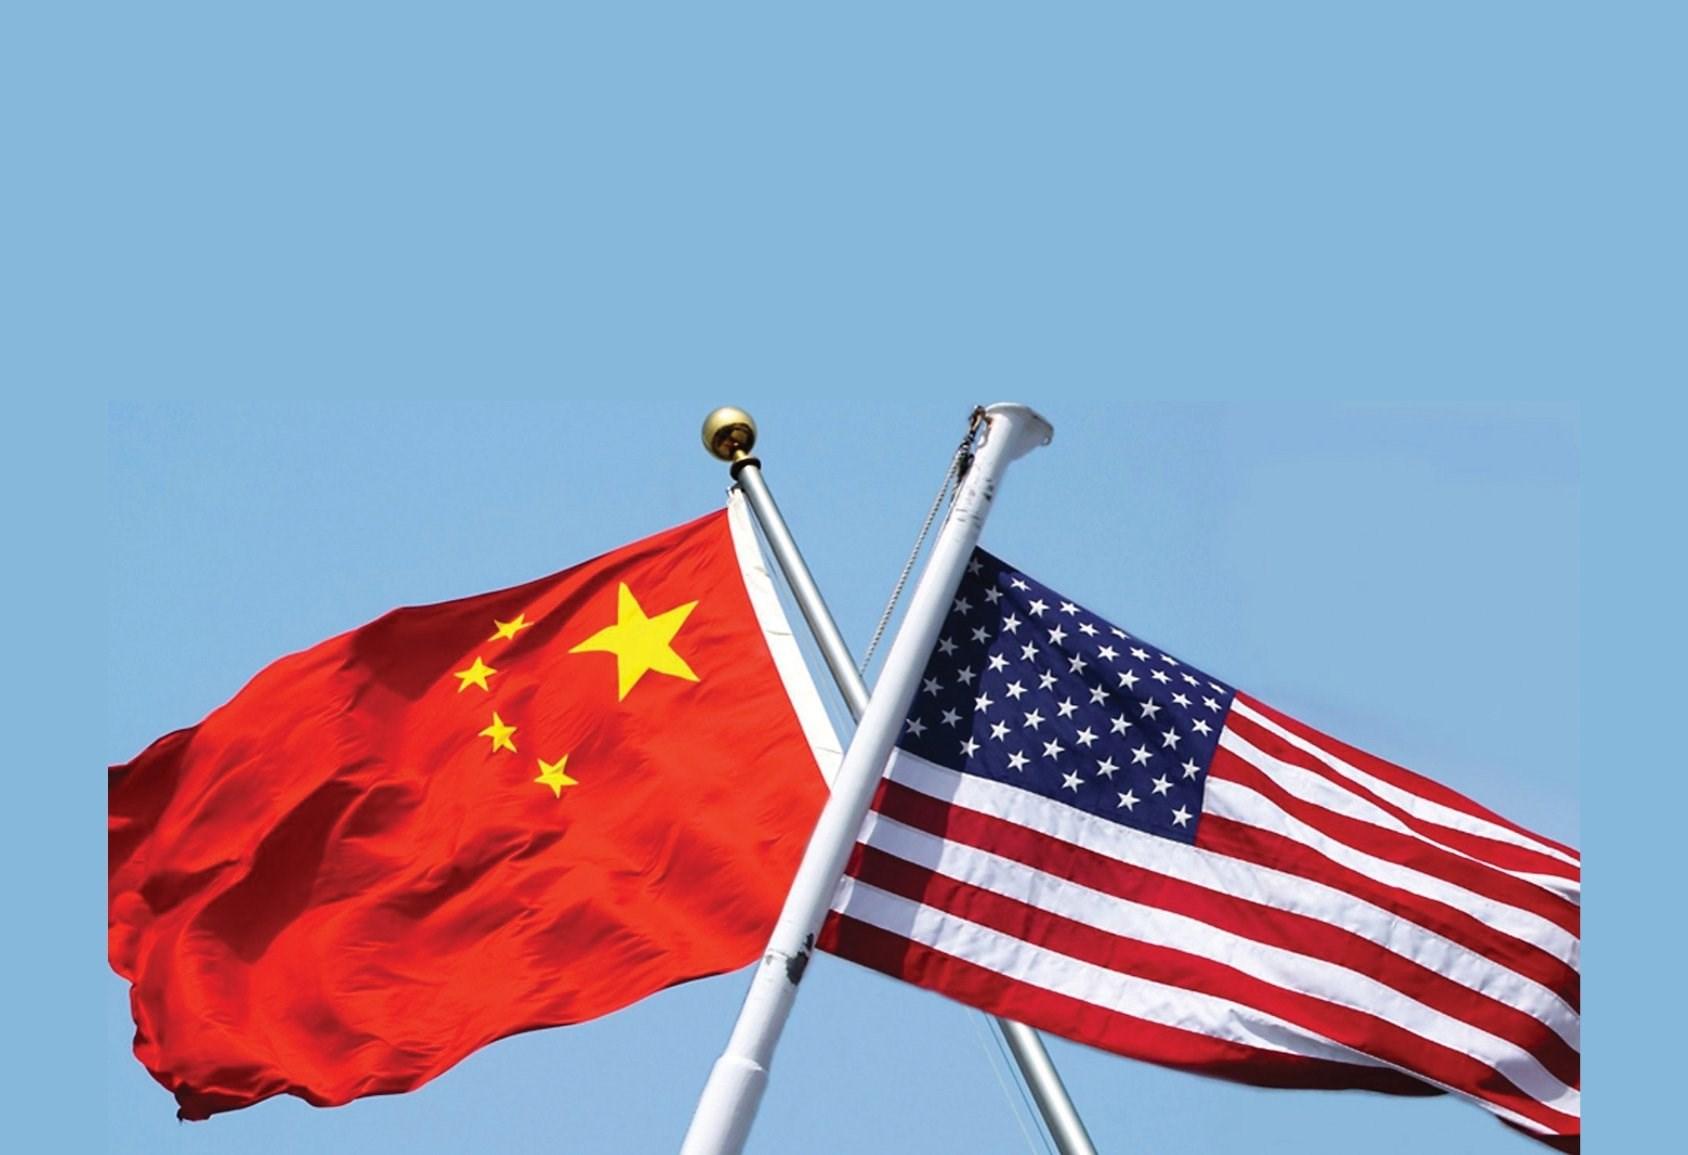 حصل الالتقاء الأول للولايات المتحدة مع الصين في السبعينيات